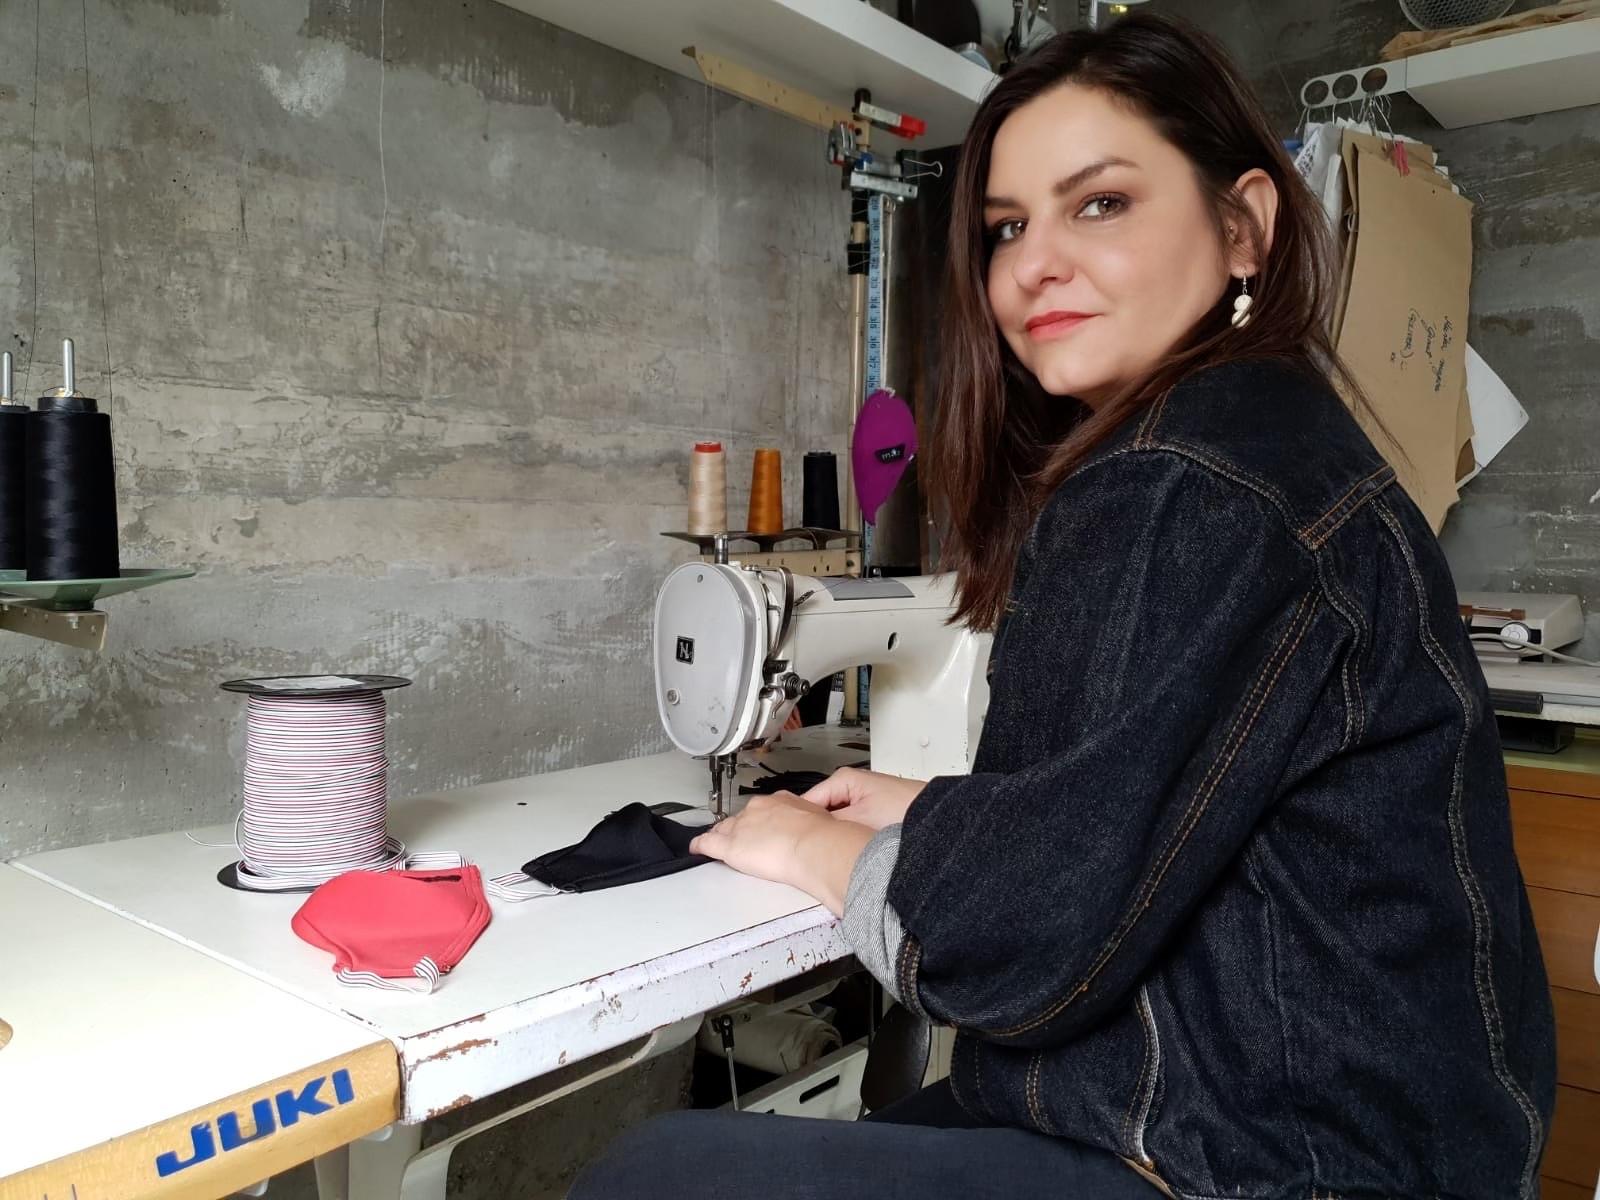 Domaća dizajnerica napravila je hit proizvod, a nosi ga i poznata hrvatska pjevačica